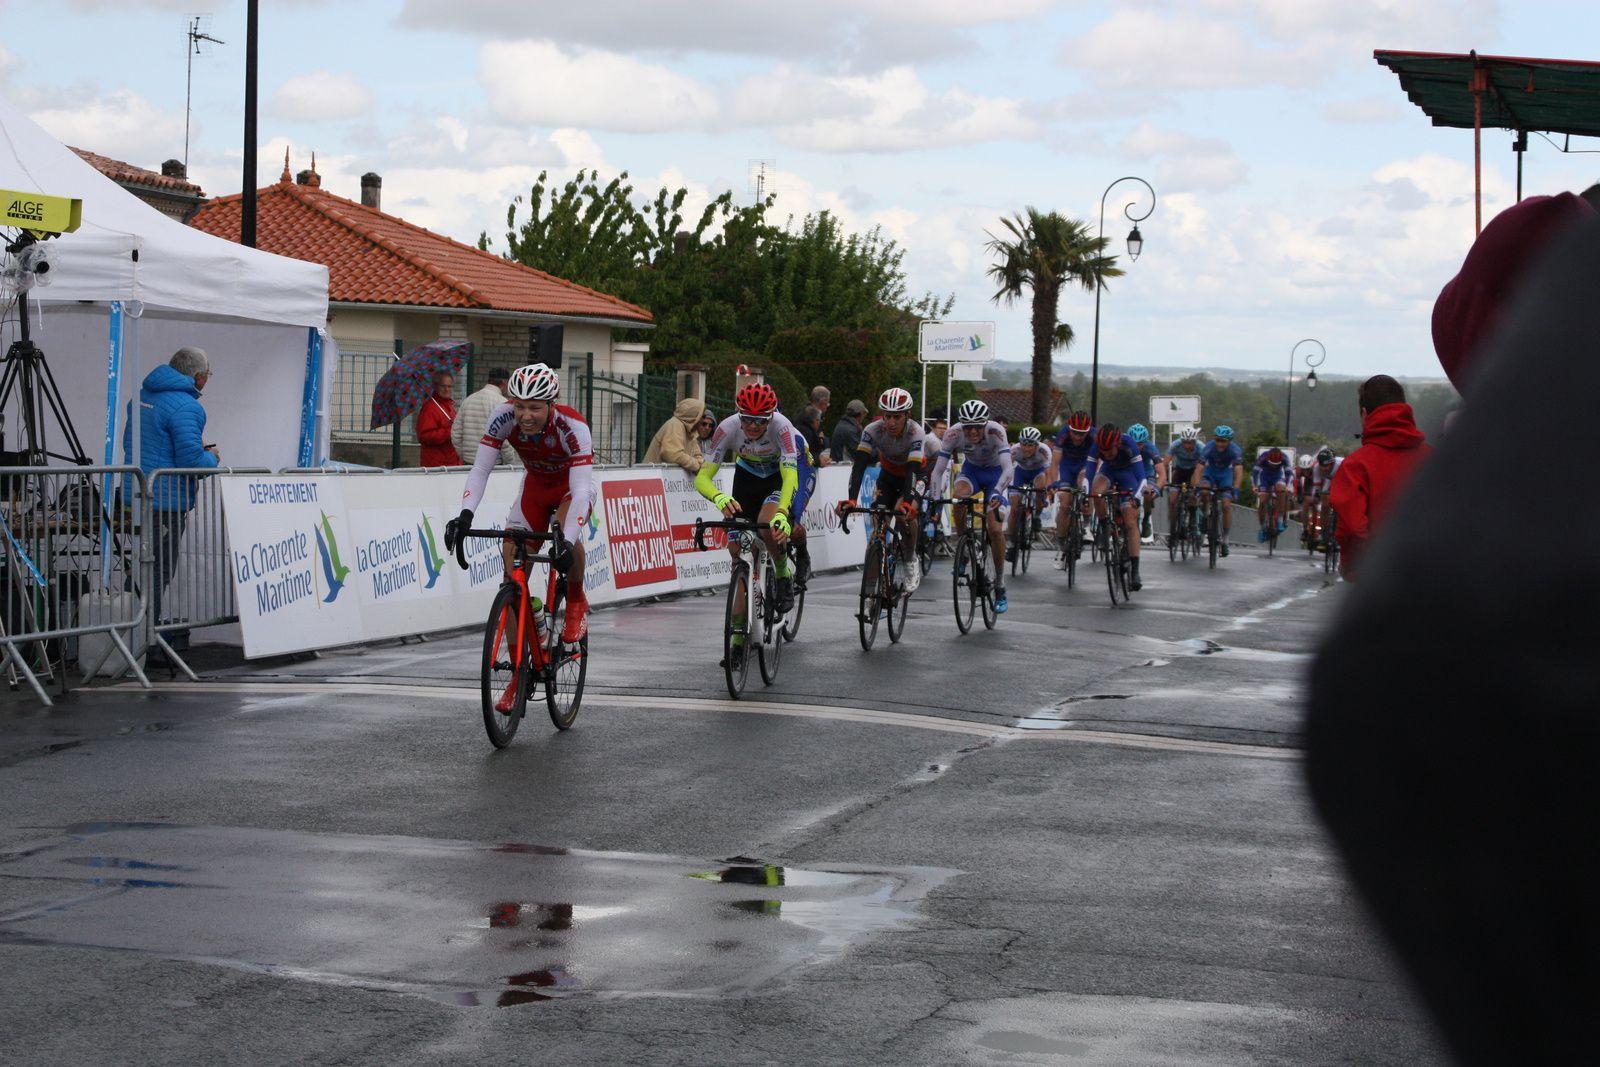 Les  autres  arrivées  1 VAN GUCHT Sten (BEL/1) VCVB les 147 km en 3h36'21'' (moy. 40,767 km/h) 2 * RIOU Alan (FRA/1) TCPD à 01'21'' 3 * GUILLOT Romain (FRA/1) VCVB '' 4 GRANGER Mike (FRA/1) LC53 à 01'23'' 5 RACAULT Ronan (FRA/1) CSD '' 6 * TOULOUSE Nicolas (FRA/1) GC '' 7 DO REGO Fabio (FRA/1) CMA93 '' 8 * GUILLAUME Loïc (FRA/1) CSD '' 9 * ROSS Mathew (AUS/1) AMCB '' 10 LE ROUX Pascal (FRA/1) VCASQ '' 11 BLEIER Baptiste (FRA/1) CMA93 à 01'26'' 12 ROTURIER Anthony (FRA/1) UCC49 '' 13 * GASIOROWSKI Mariusz (POL/1) USSAPB '' 14 * VANDERMEERSCH Emilien (FRA/1) DLC à 01'59'' 15 * MEREDITH Charlie (GBR/1) PEH '' 16 BOULO Matthieu (FRA/1) TCPD à 02'08'' 17 LAMY Julien (FRA/1) CCPD à 02'11'' 18 BIDEAU Ludovic (FRA/1) VSC à 02'16'' 19 * BATISTA Camille (FRA/1) GC à 02'18'' 20 HUCK Gaëtan (FRA/1) PEH à 02'19'' 21 * HARDCASTLE Harry (GBR/2) AMCB '' 22 DUJARDIN Florian (FRA/1) VCVV '' 23 * GUINET Dylan (FRA/1) CMA93 '' 24 PHILIBERT Aurélien (FRA/1) VCT '' 25 * WATRELOT Jean Lou (FRA/1) DLC '' 26 LELEU Antoine (BEL/1) DLC '' 27 TIELEMANS Pierre (FRA/1) USSAPB '' 28 * DUBOIS Corentin (FRA/1) POCCL '' 29 * KISKONEN Siim (EST/1) VCT '' 30 ROLLAND Loïc (FRA/1) VCVB '' 31 * DELEHAYE Bryan (FRA/1) USSAPB '' 32 * BOUCHERY Gaetan (FRA/2) POCCL '' 33 * KERRAUD Erwann (FRA/1) CSD '' 34 CLERE Emilien (FRA/1) VSC '' 35 MONCOMBLE Nicolas (FRA/1) DLC à 02'24'' 36 MARY Clement (FRA/1) LC53 '' 37 * DIENERT Raphaël (GER/2) PEH à 02'26'' 38 * SHAUCHENKA Siarhei (BLR/2) AZU à 02'59'' 39 KERVRAN Kevin (FRA/1) LC53 '' 40 * JUNTUNEN Antti Jussi (FIN/1) PEH à 03'01'' 41 * DESCHATRES Martin (FRA/1) VCUS à 03'03'' 42 DE JONCKHEERE Johan (FRA/1) VSC à 03'06'' 43 GENETIER Francis (FRA/1) CCIC à 03'07'' 44 PELLERIAUX Nicolas (FRA/1) VCASQ à 03'14'' 45 QUEMERE Tao (FRA/1) VCVB à 04'28'' 46 BILLON Alexandre (FRA/1) CSD à 06'46'' 47 RONXIN Pierre (FRA/1) GC '' 48 TENAILLEAU Lylian (FRA/1) POCCL ''  Lire la suite : https://www.directvelo.com/actualite/66119/boucles-nationales-du-printemps-et-2-classements